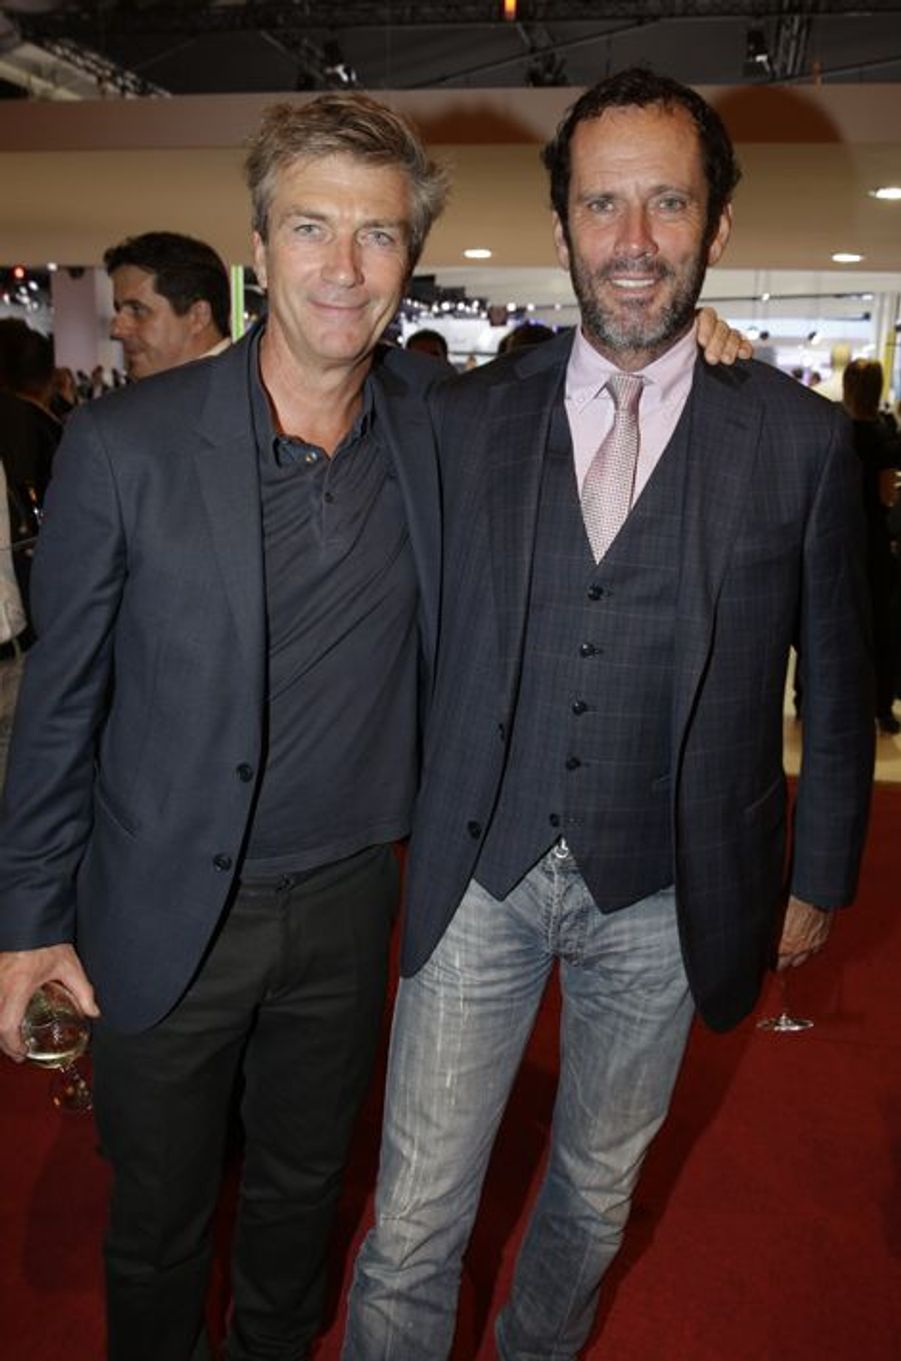 Philippe Caroit et Christian Vadim au Salon de l'Automobile 2014 à Paris le 2 octobre 2014